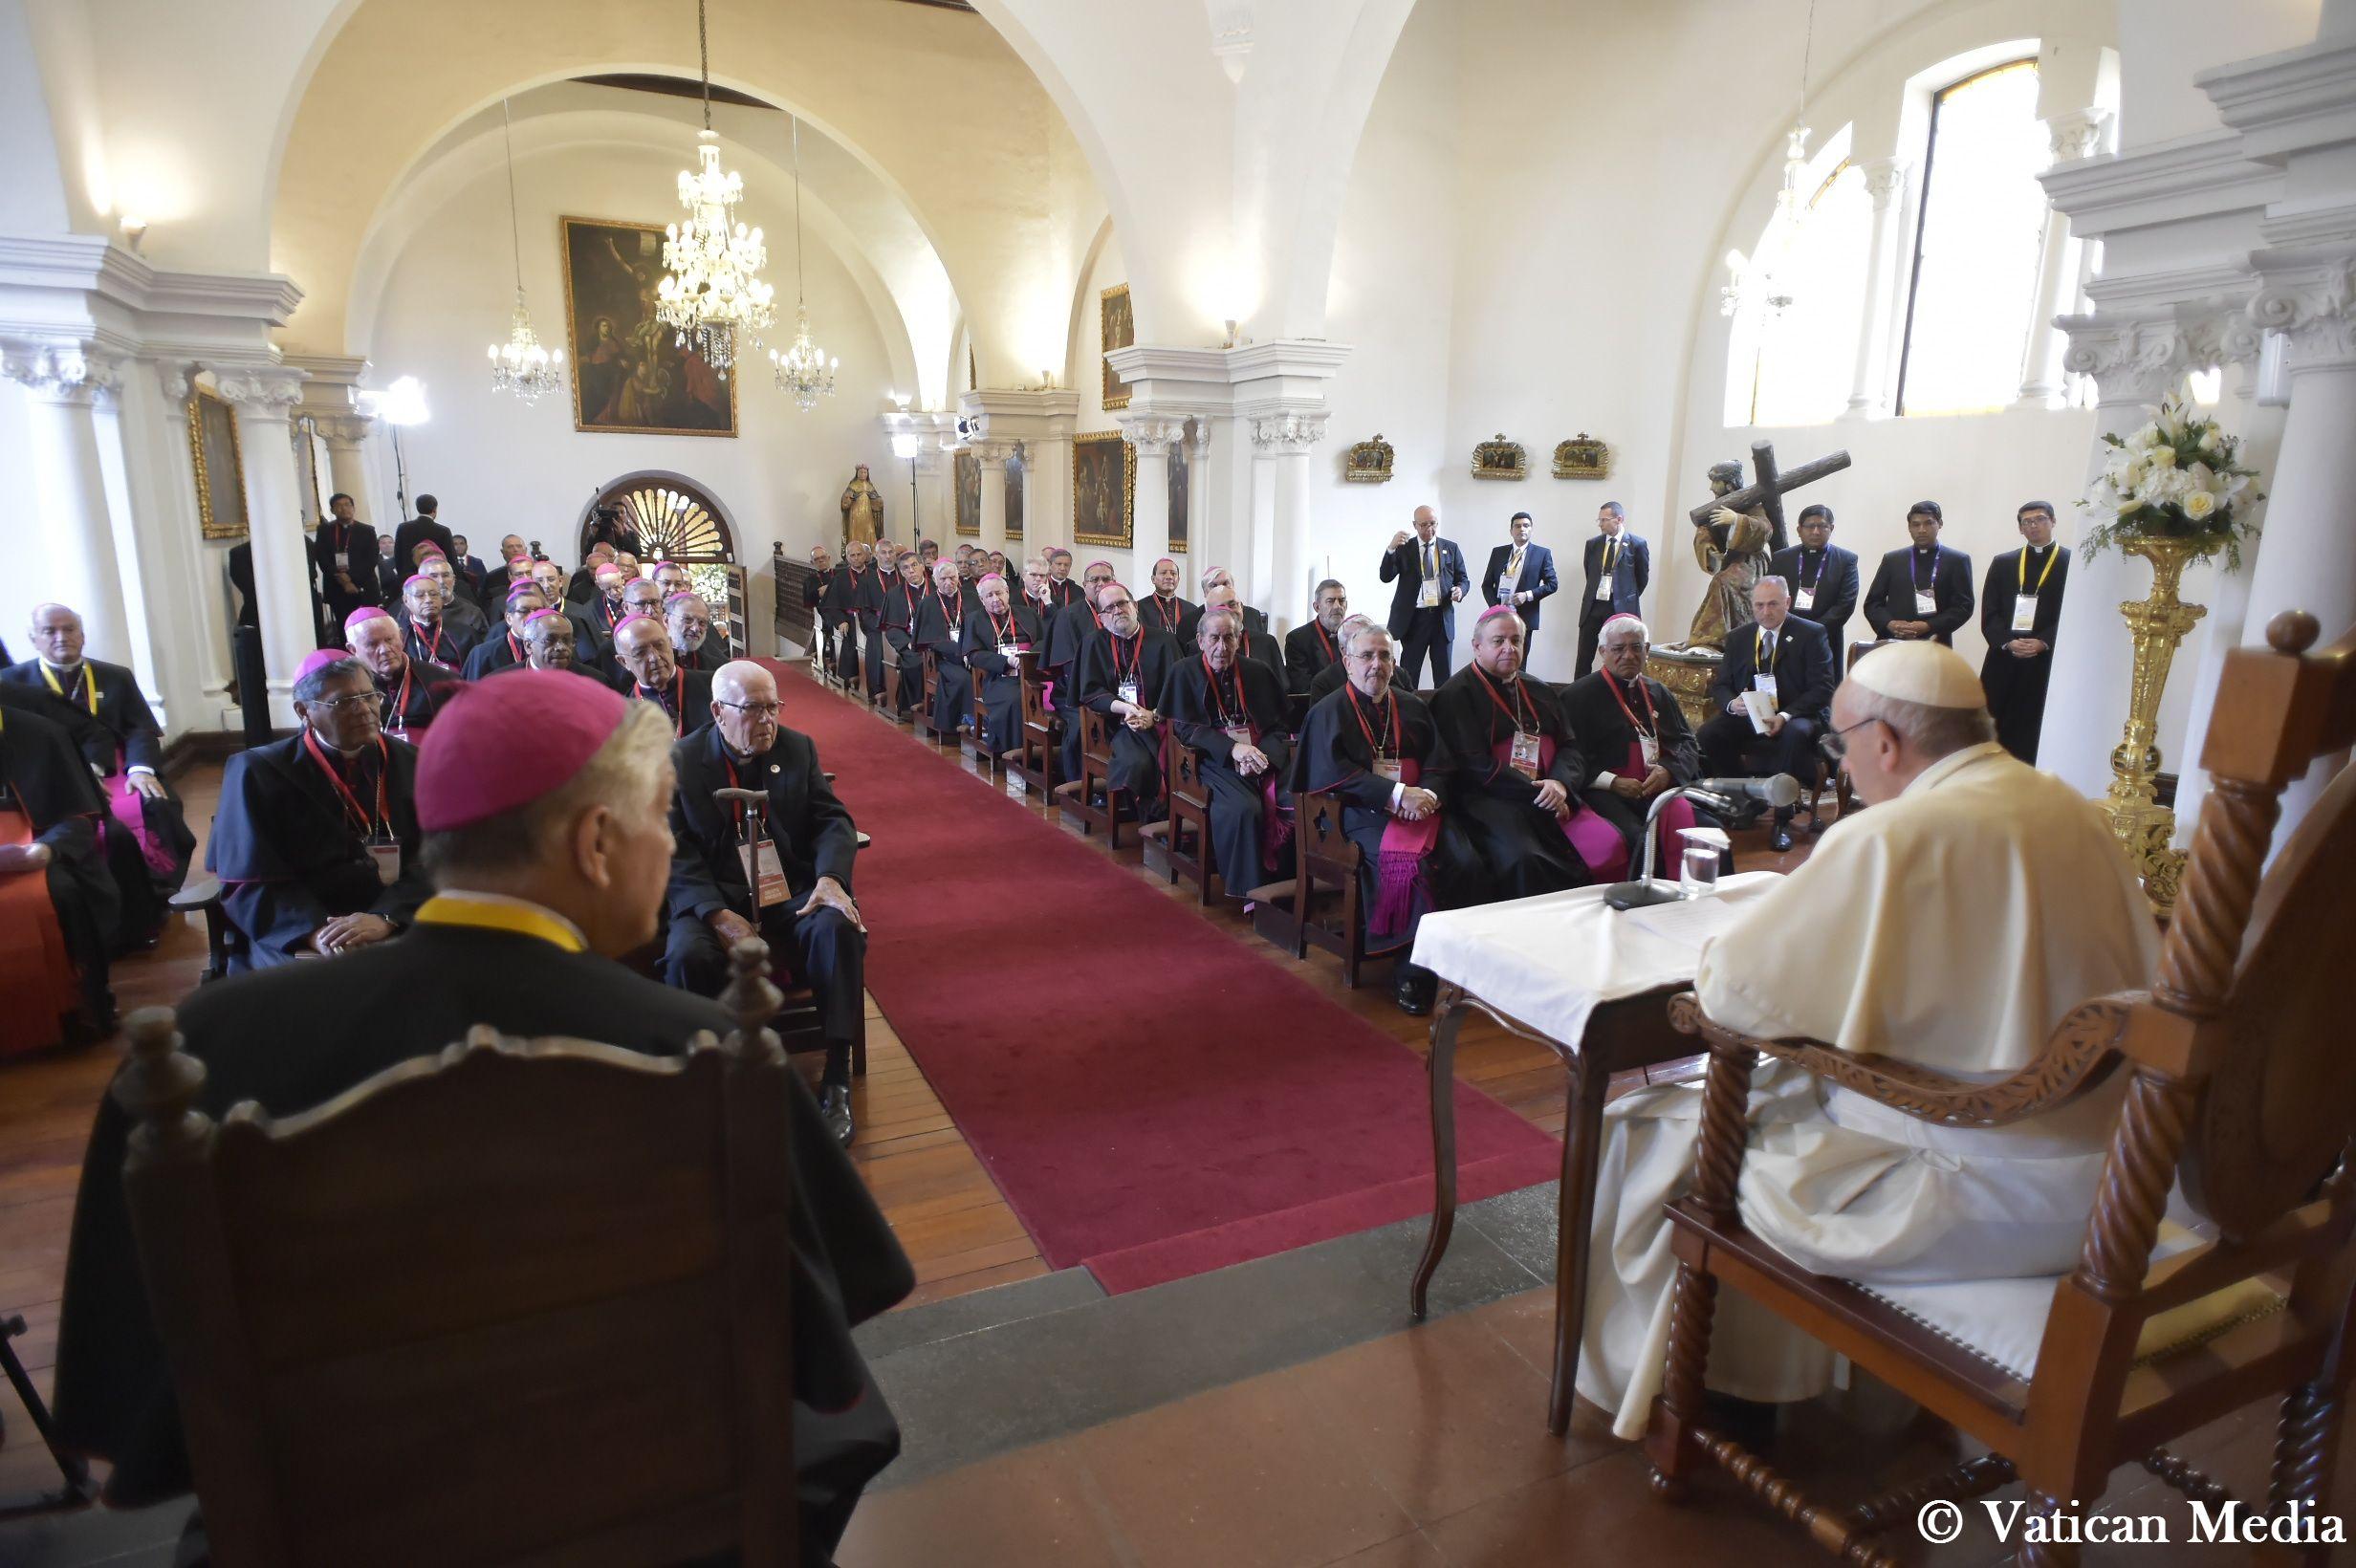 Rencontre avec les évêques du Pérou © Vatican Media